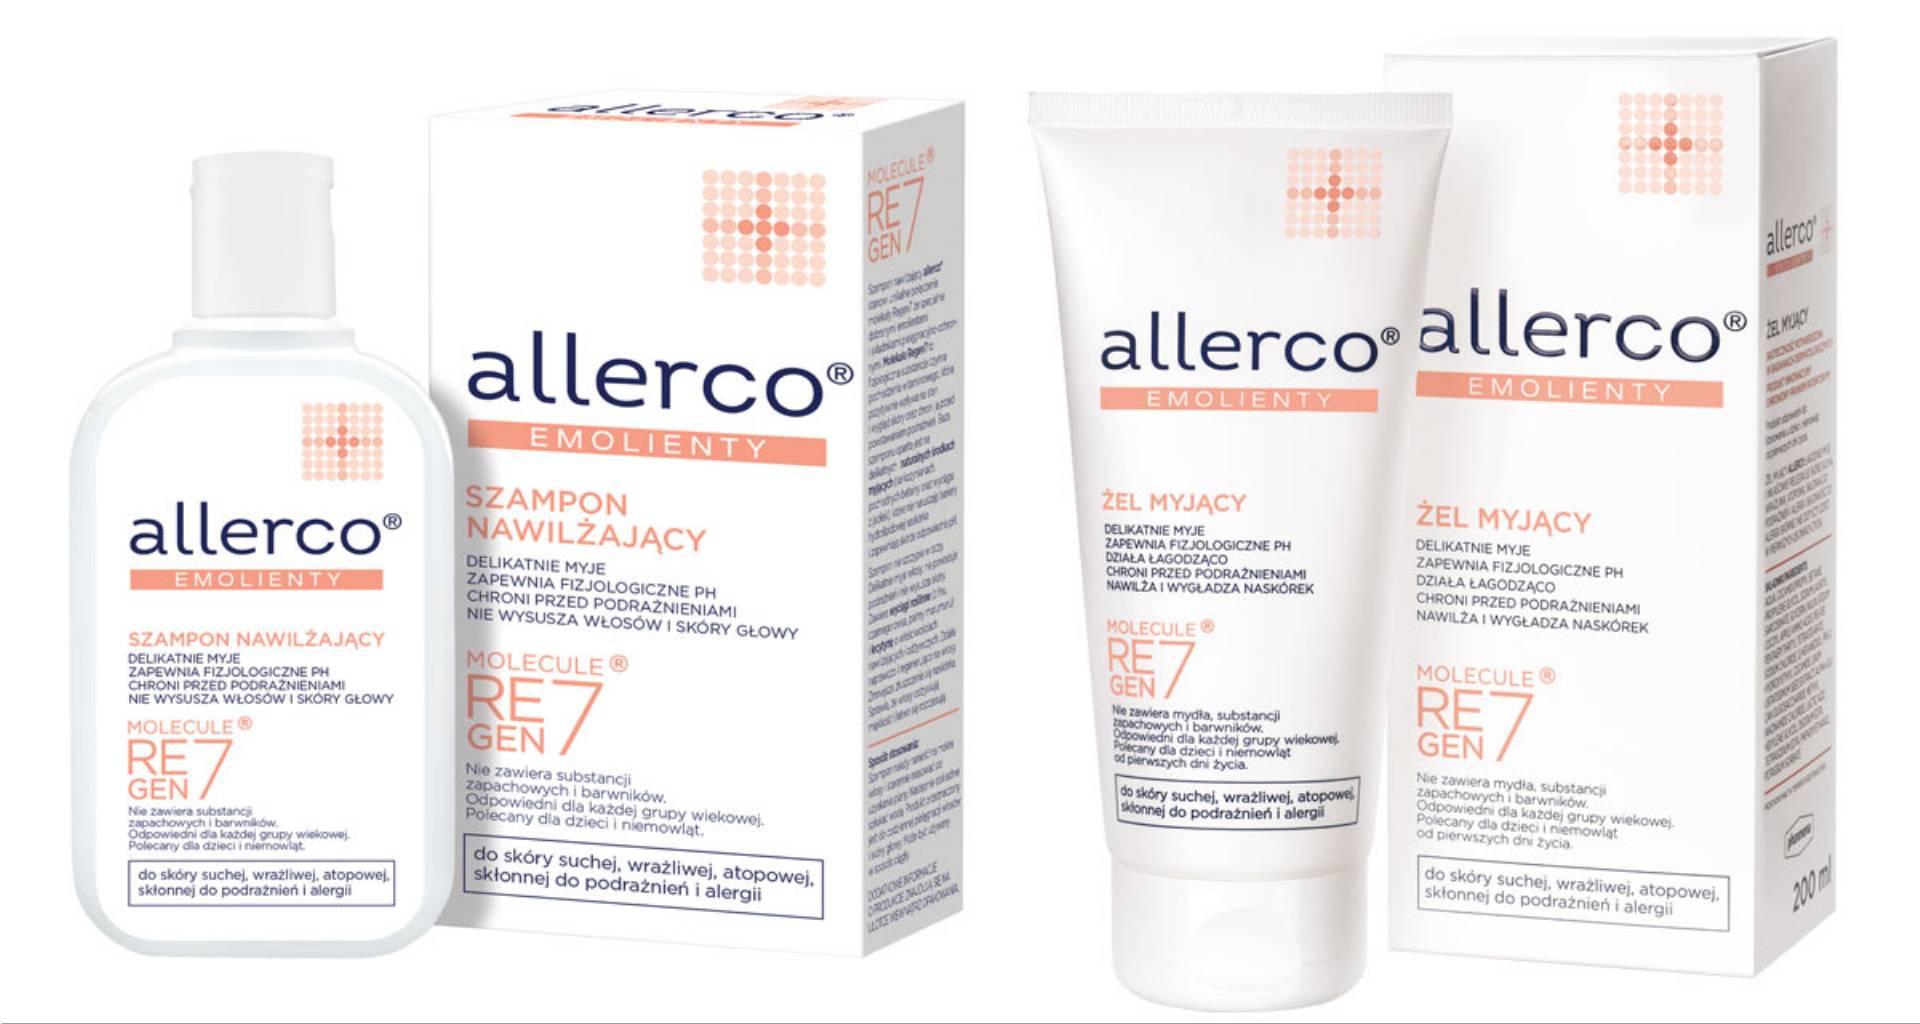 761090df681fc1 Dlatego też warto zadbać o preparaty, których skład nie podrażnia skóry. O  pomoc w tej kwestii zadbała marka allerco®, tworząc serię produktów ...